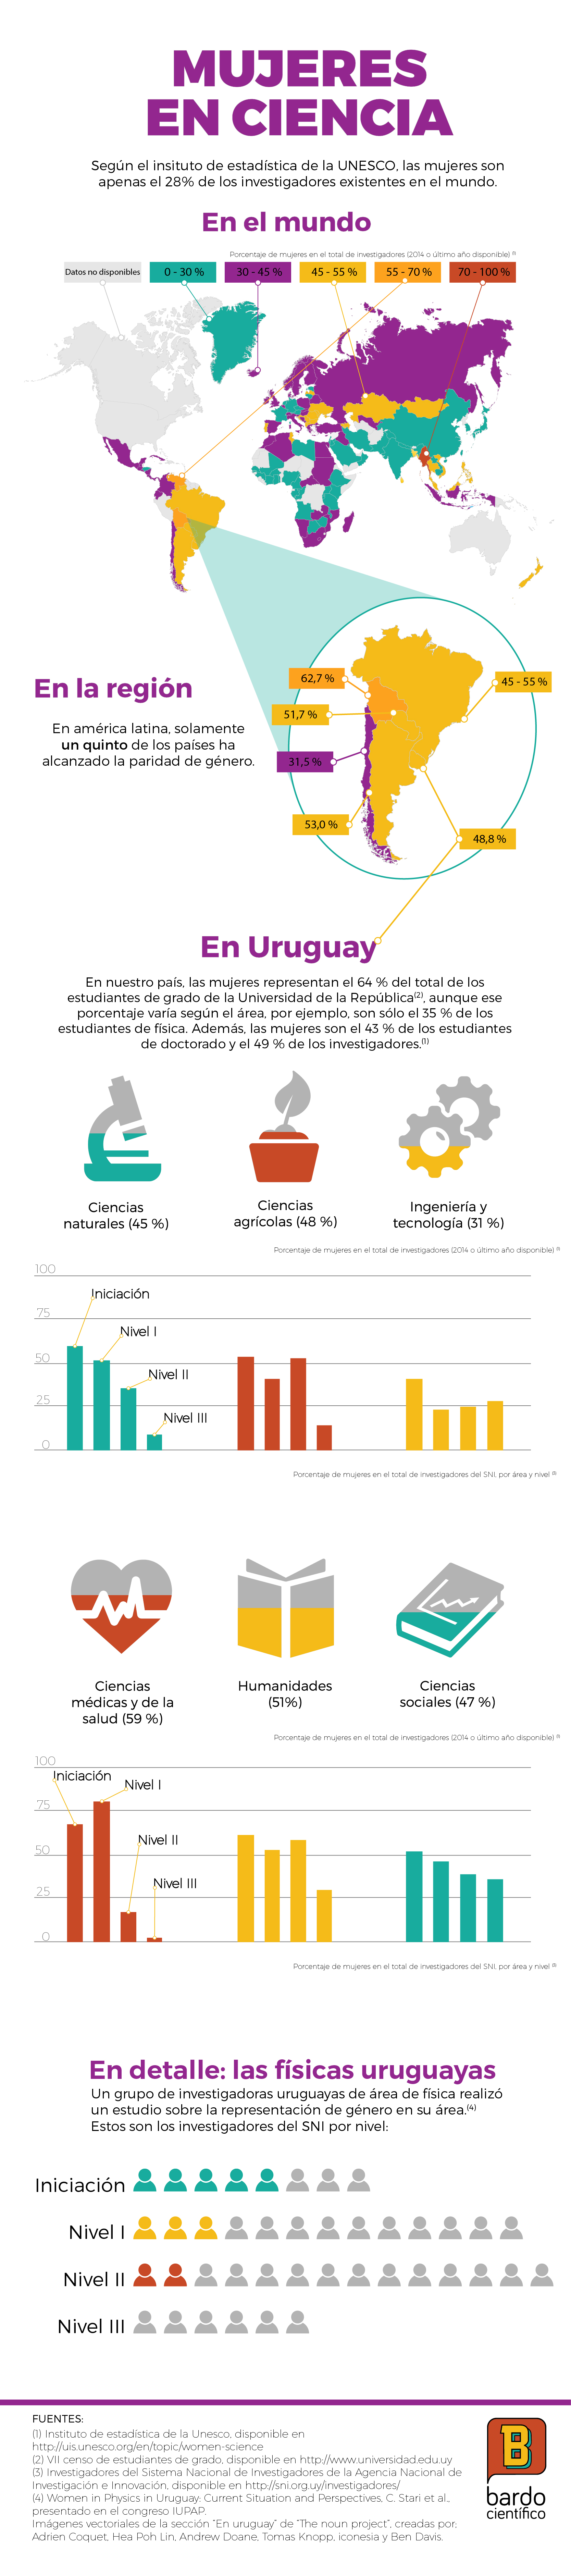 infografía mujeres en ciencia